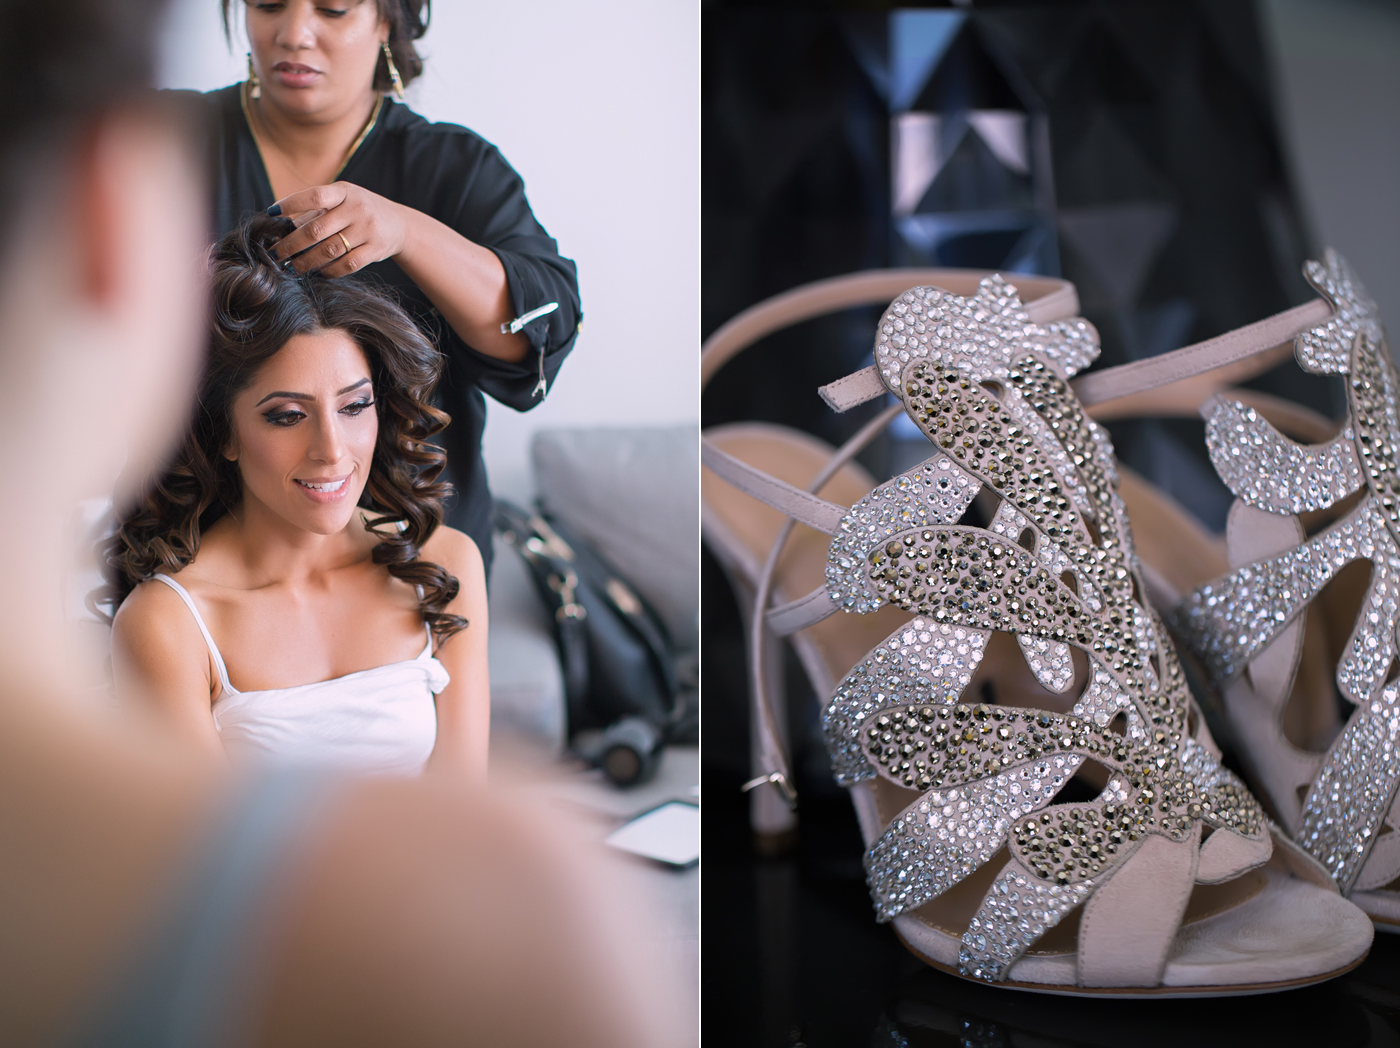 Crystal + Eiman | Fisher Island Club Wedding | Miami, FL, Miami Wedding Photographers | Häring Photography, Indian Wedding Photographer in Florida, Best Muslim, Hindu - South East Asian Wedding Photographers